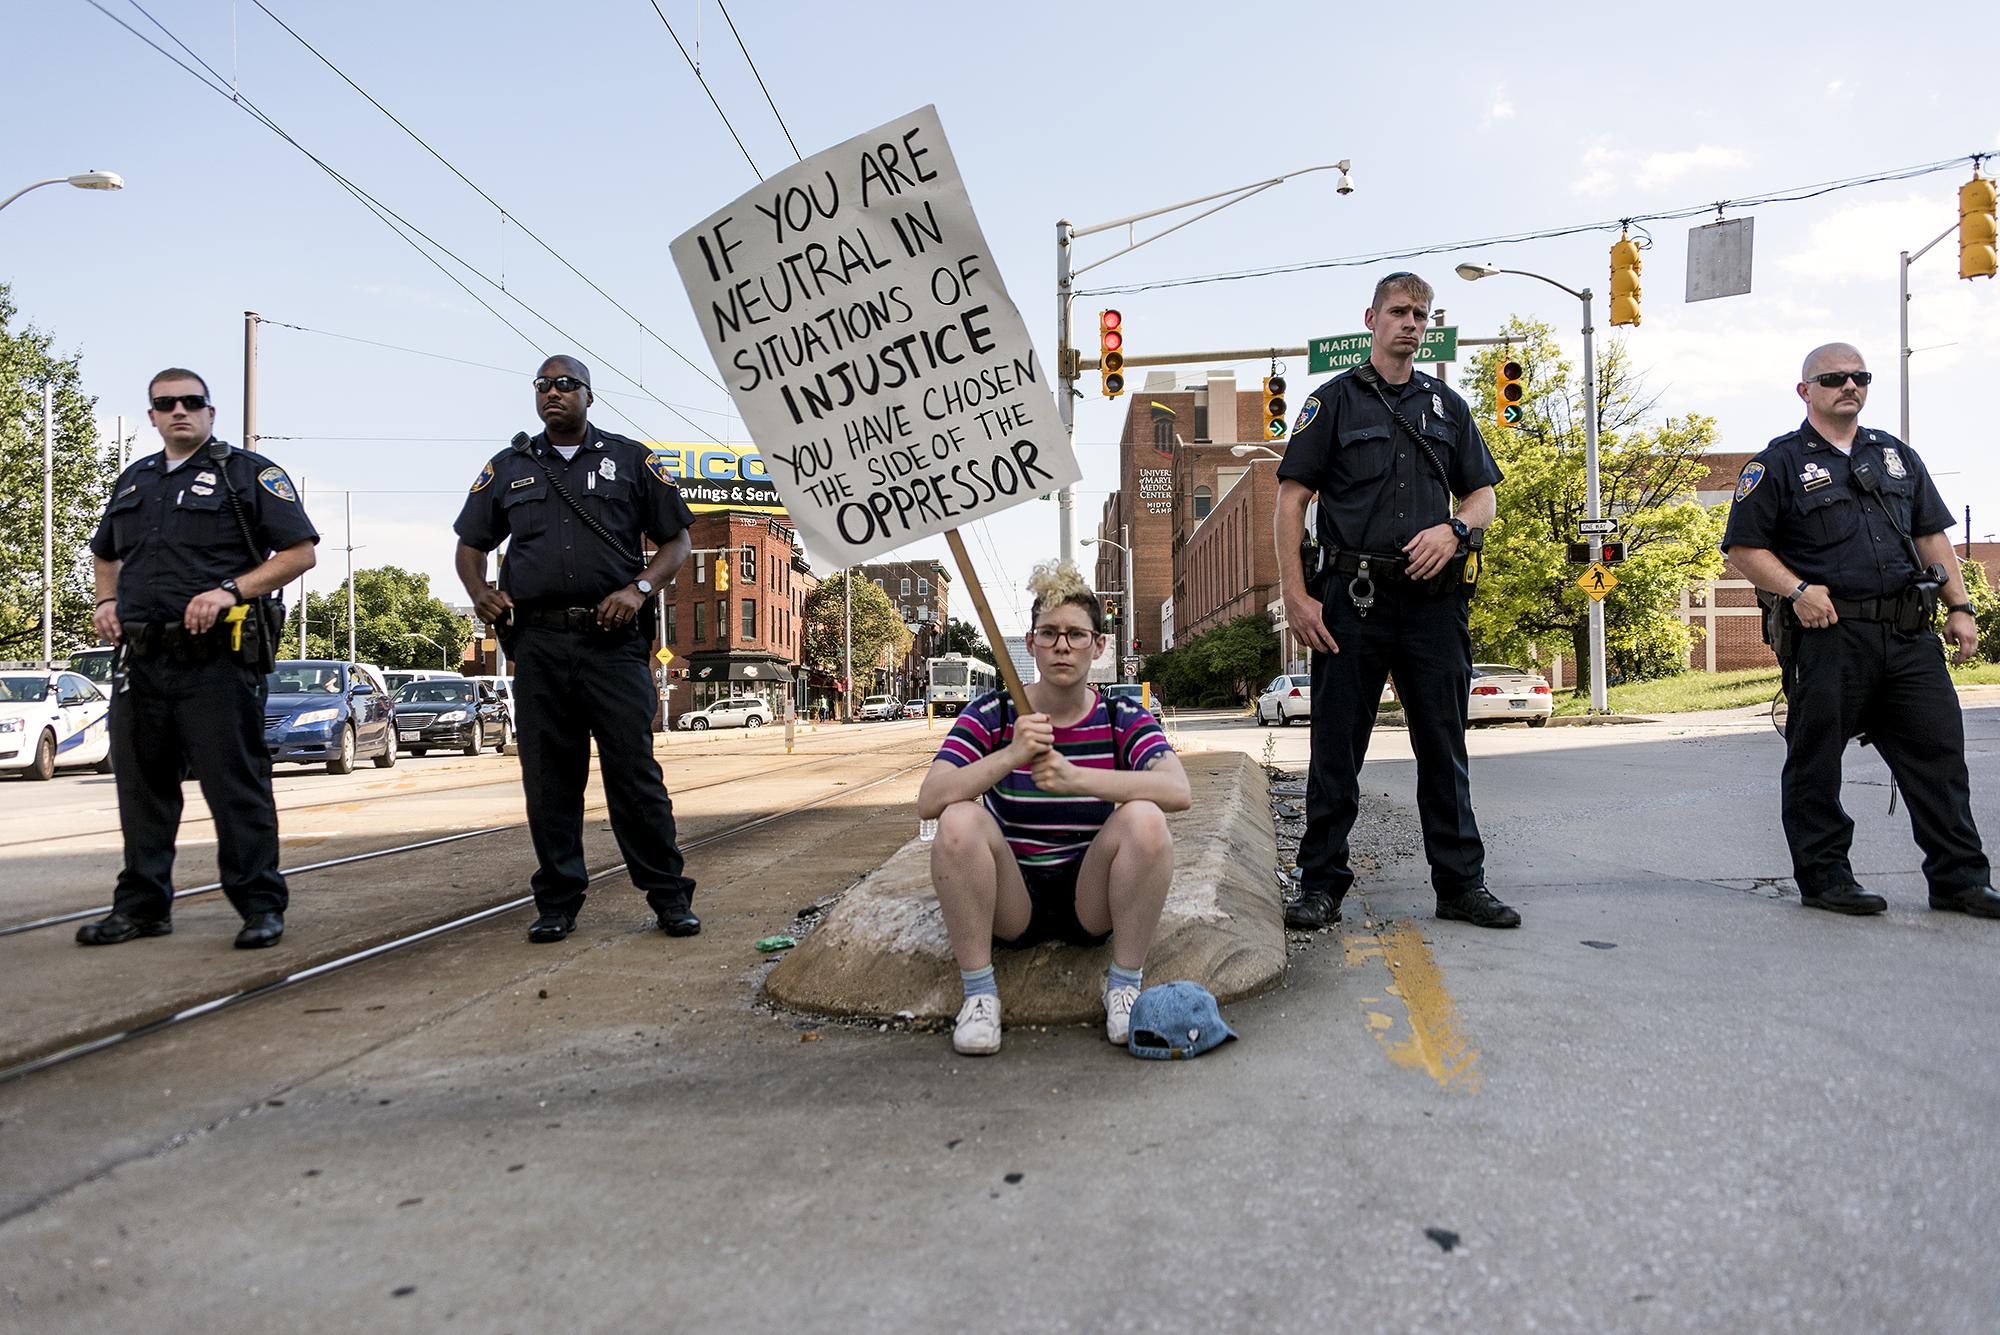 NCJ_PROTEST16a.jpg